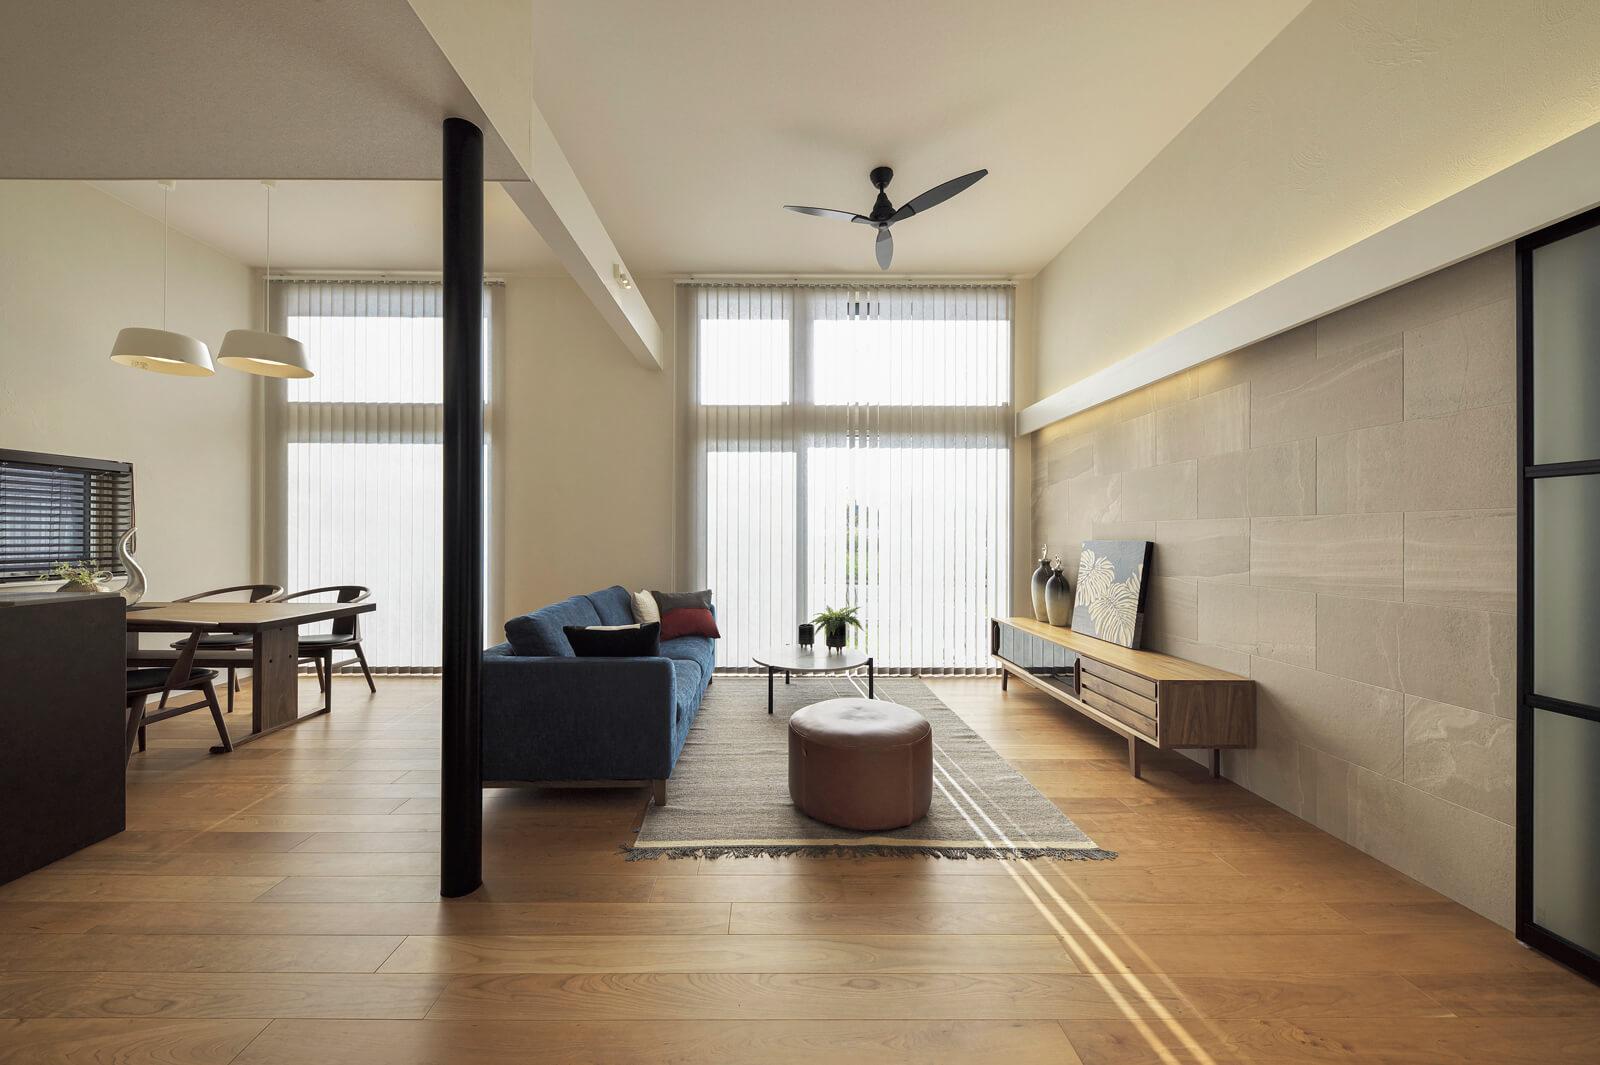 無垢材に珪藻土と自然素材が息づくLDKは、天井高は最大で3.2mもある開放的な空間。天井まで届く大きな2つの窓から外光がふんだんに入り込み、心地よさでいっぱい